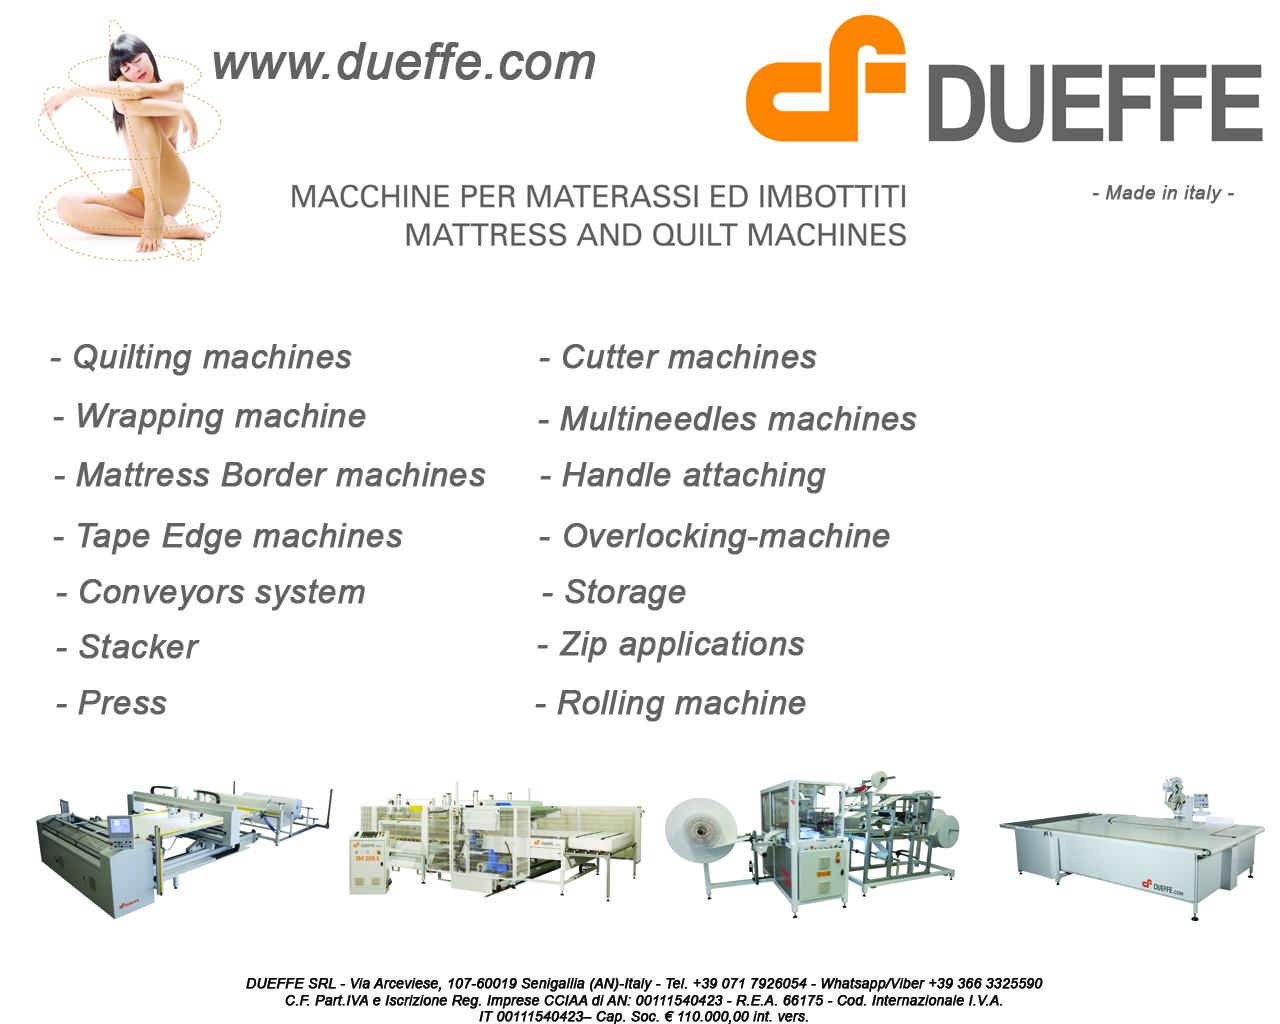 Dueffe Materassi.Www Dueffe Com Mattress And Quilt Machines Macchine Per